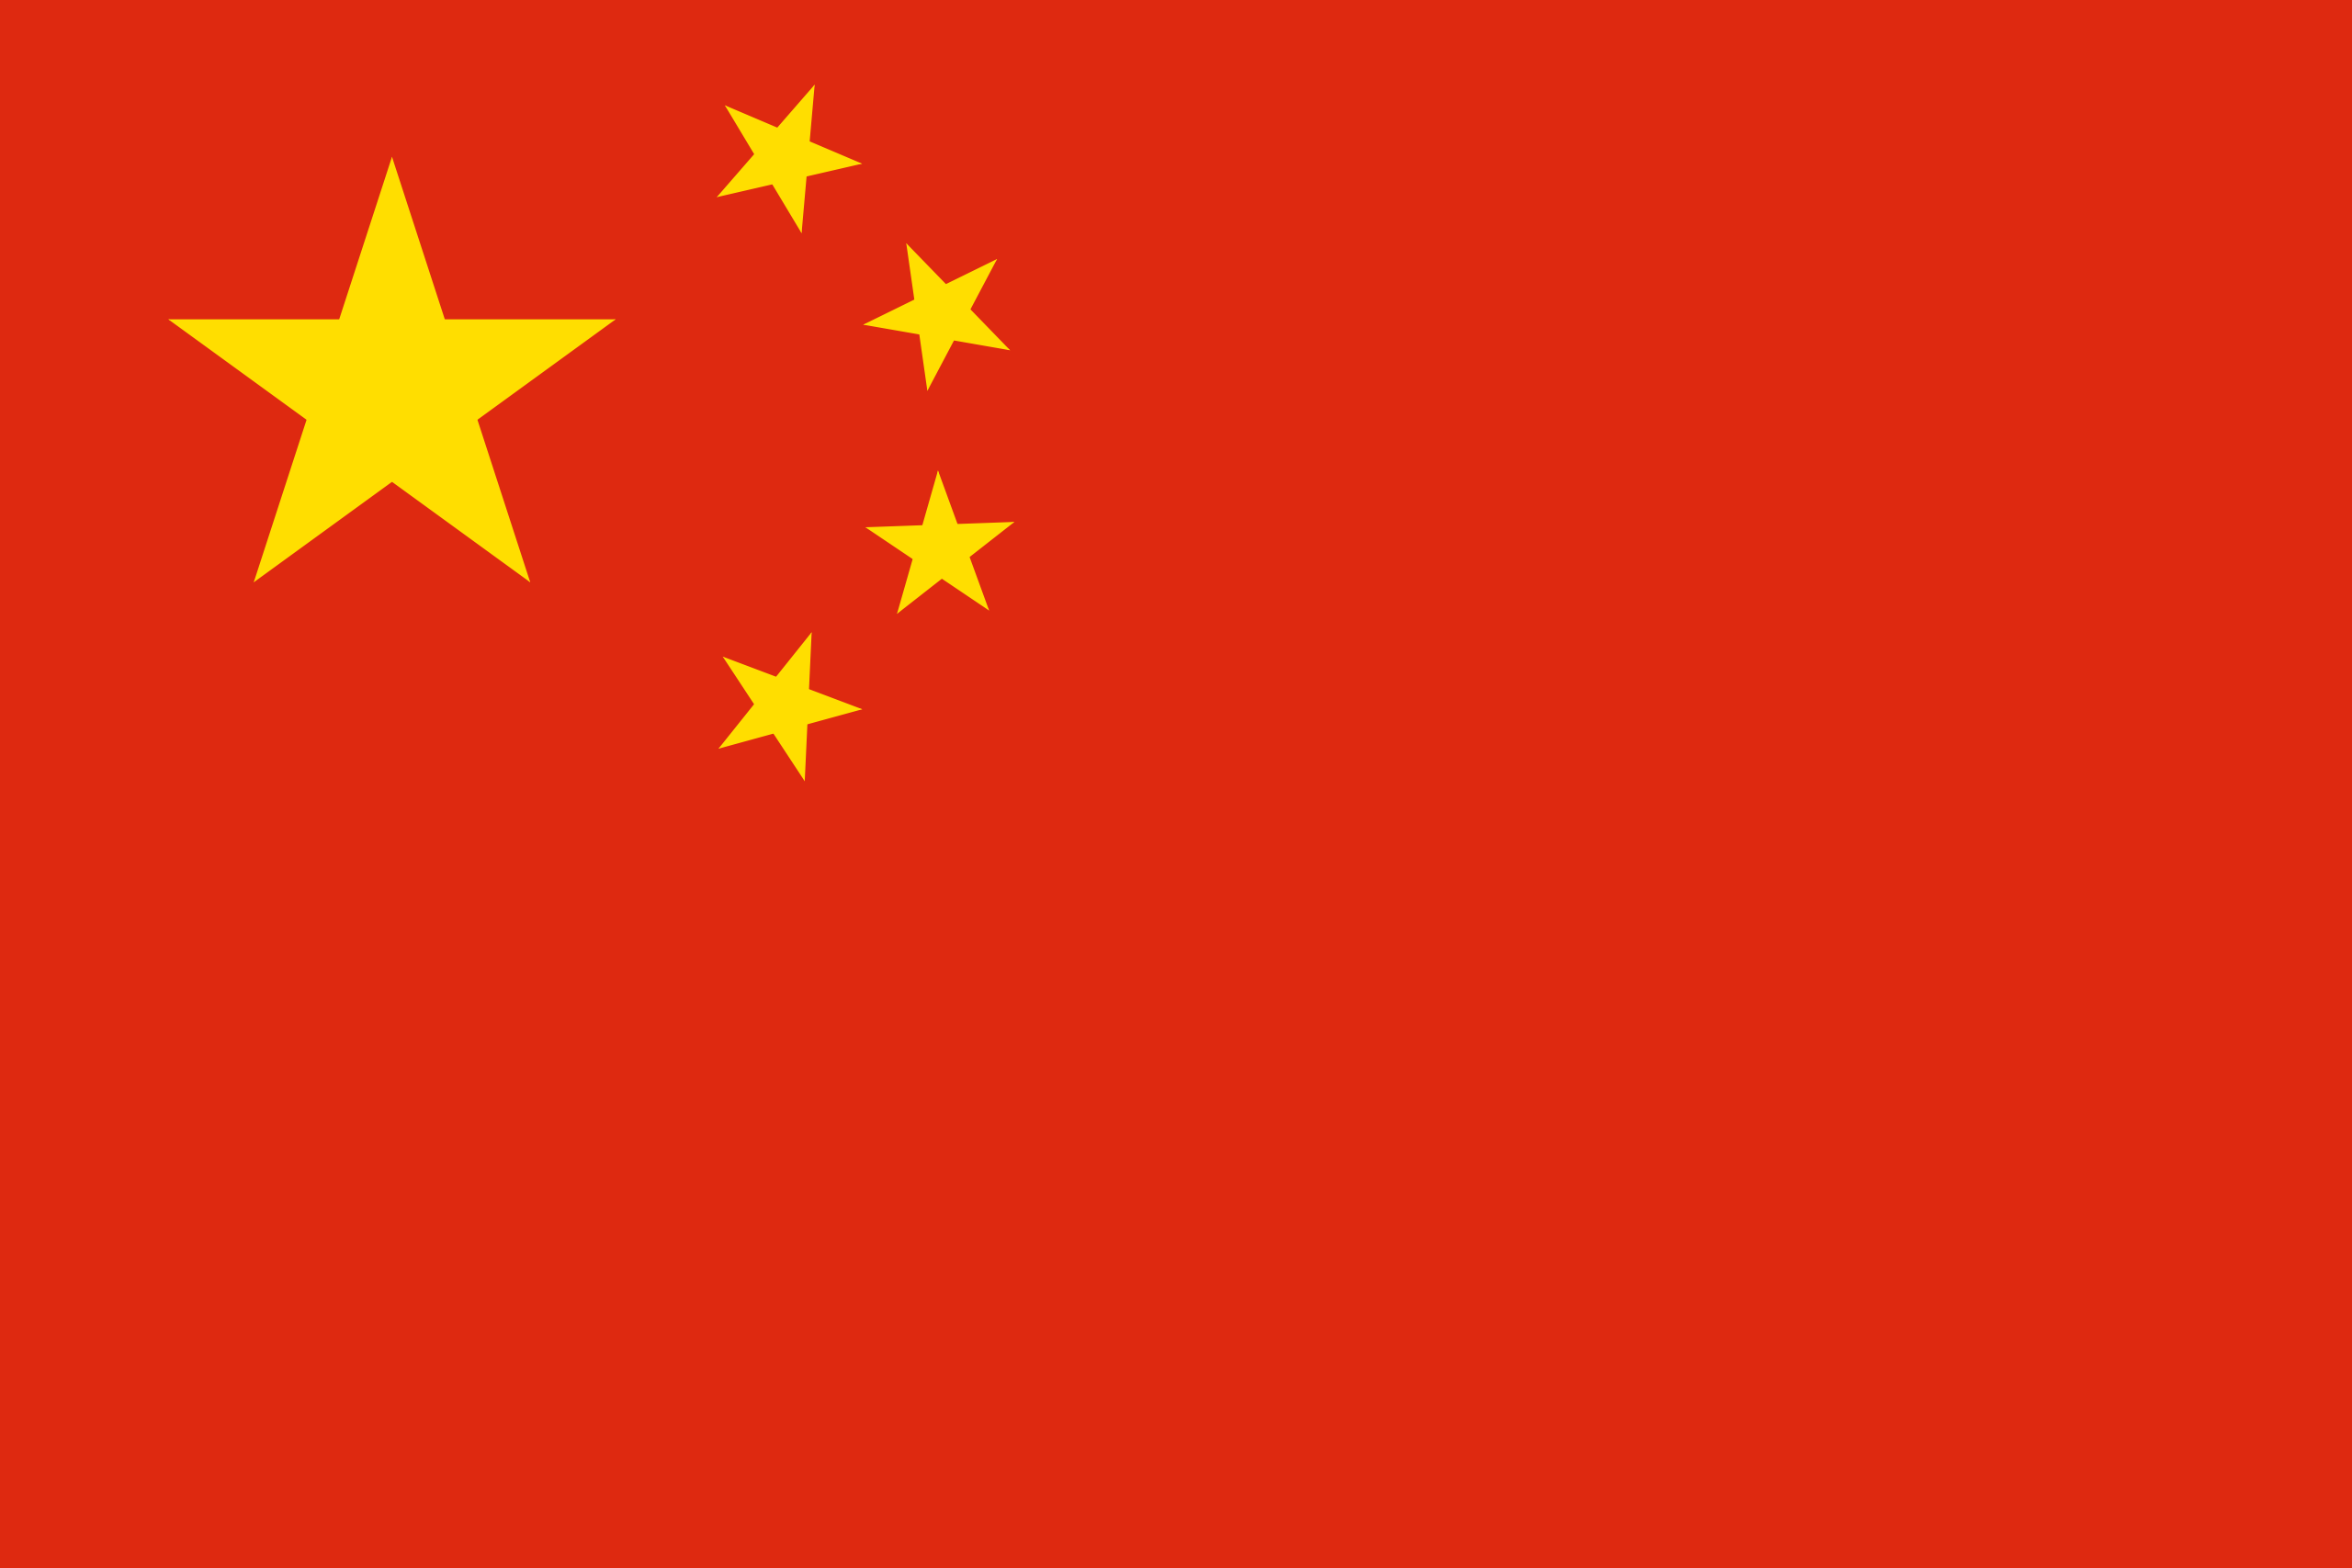 registro de marca en china